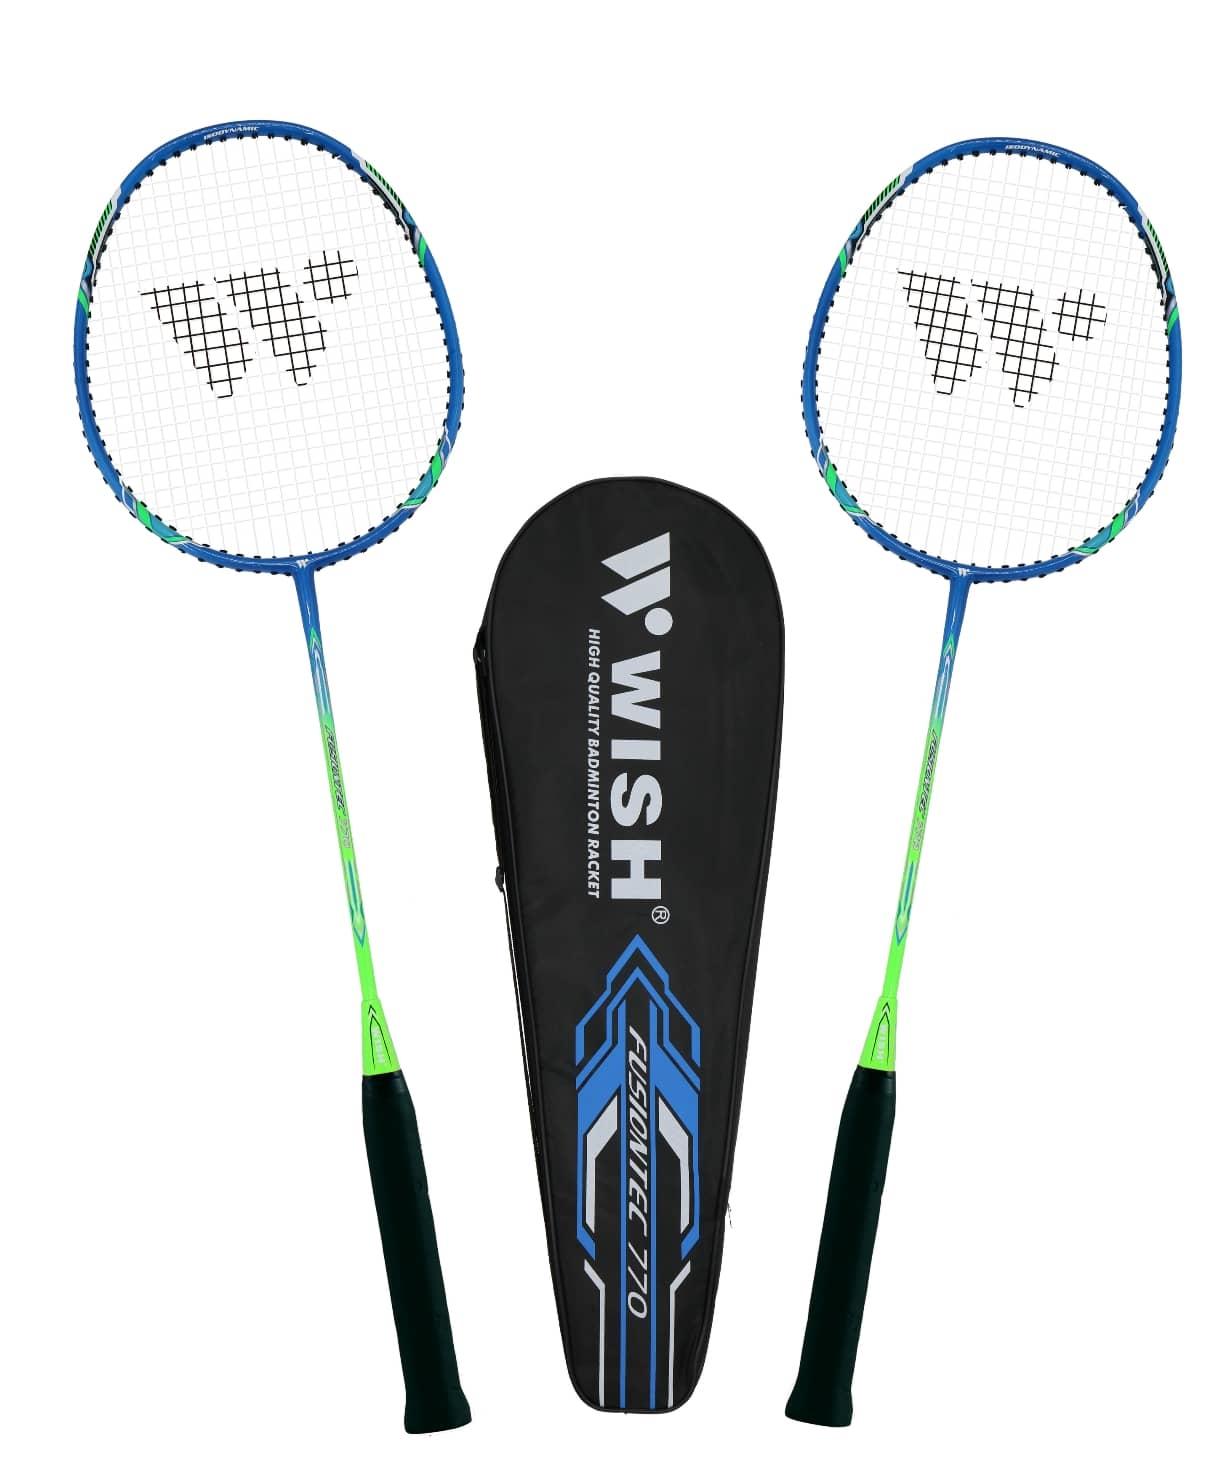 Набор для бадминтона Fusiontec 770K, 2 ракетки, синий/зеленый